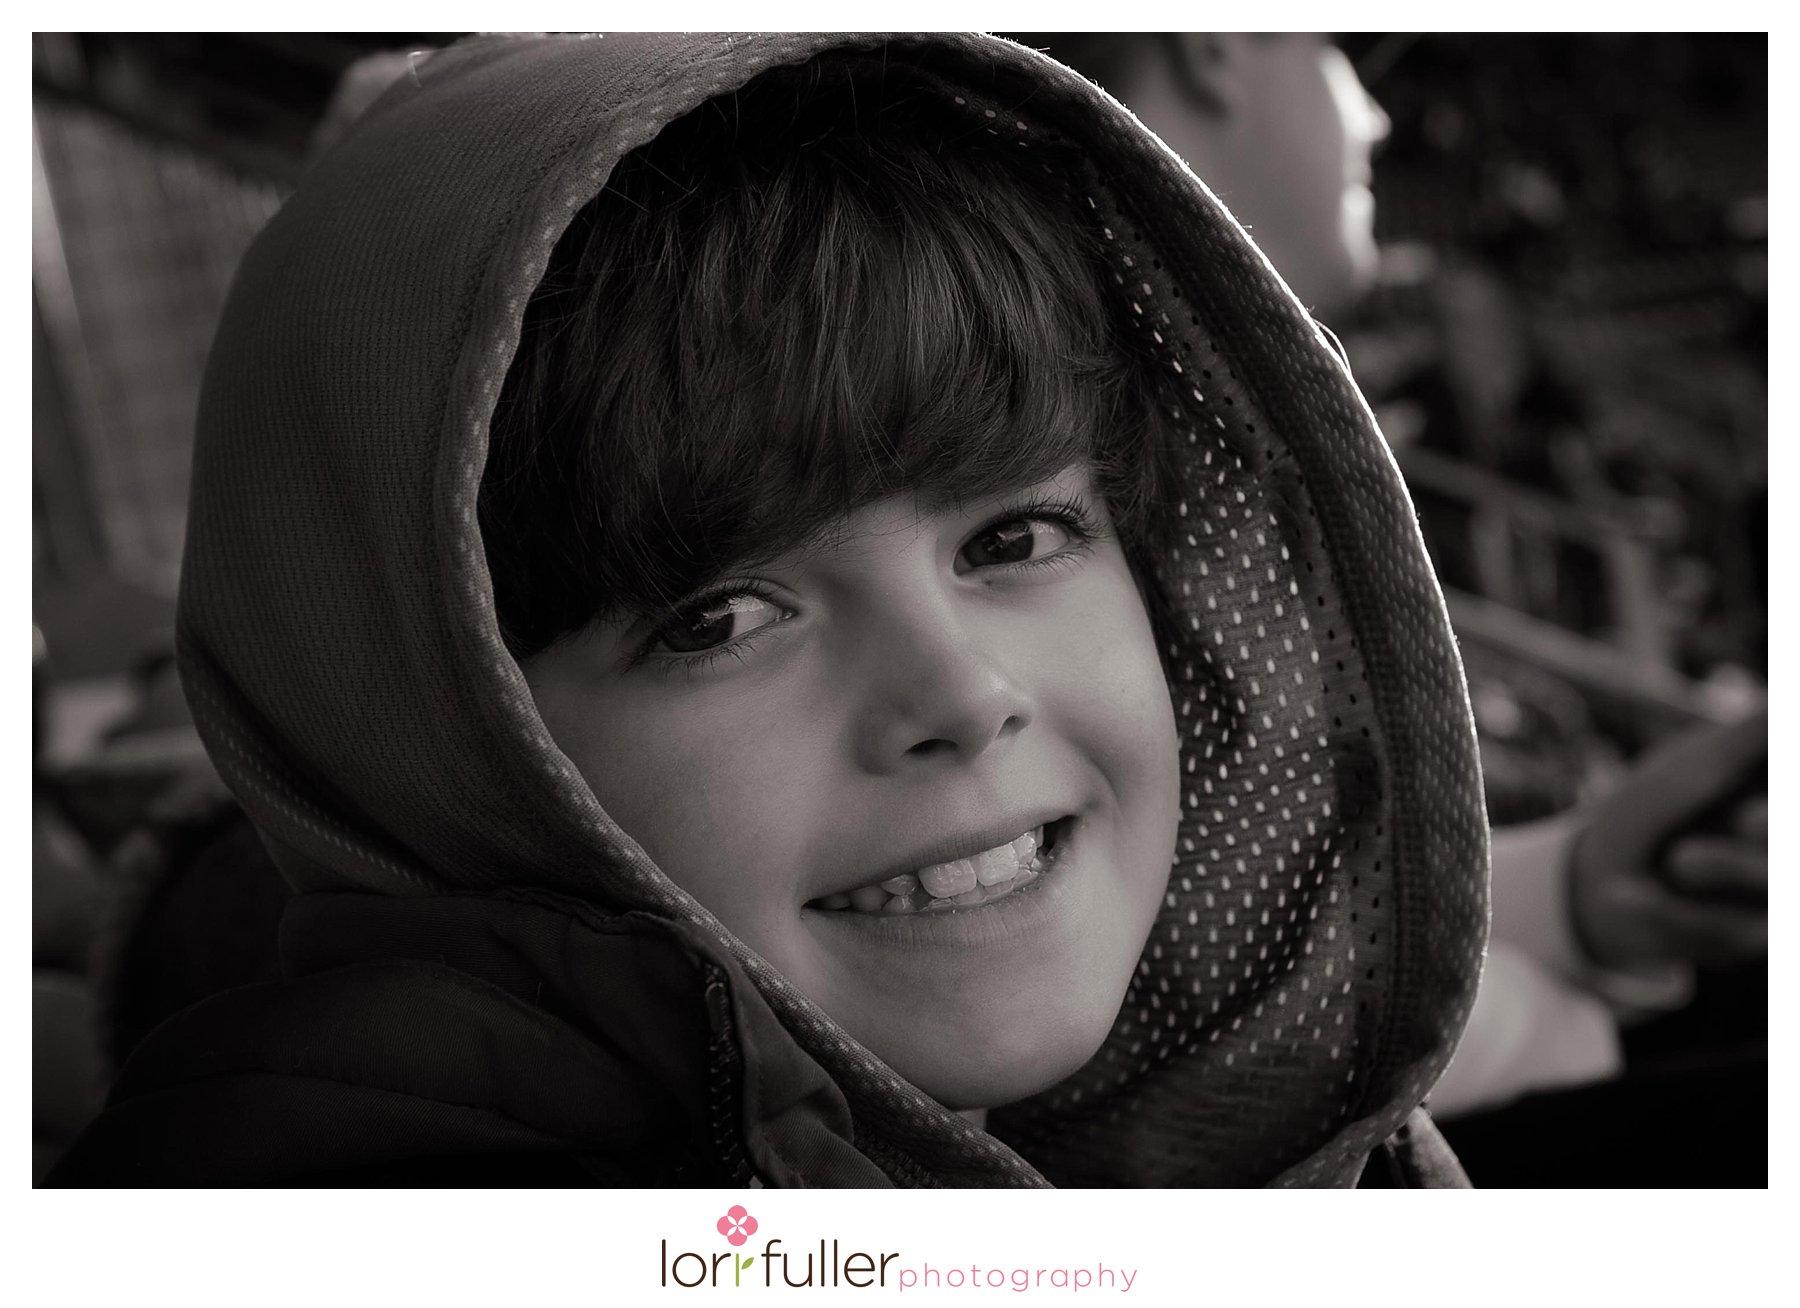 Photos_Lori Fuller Photography_0566